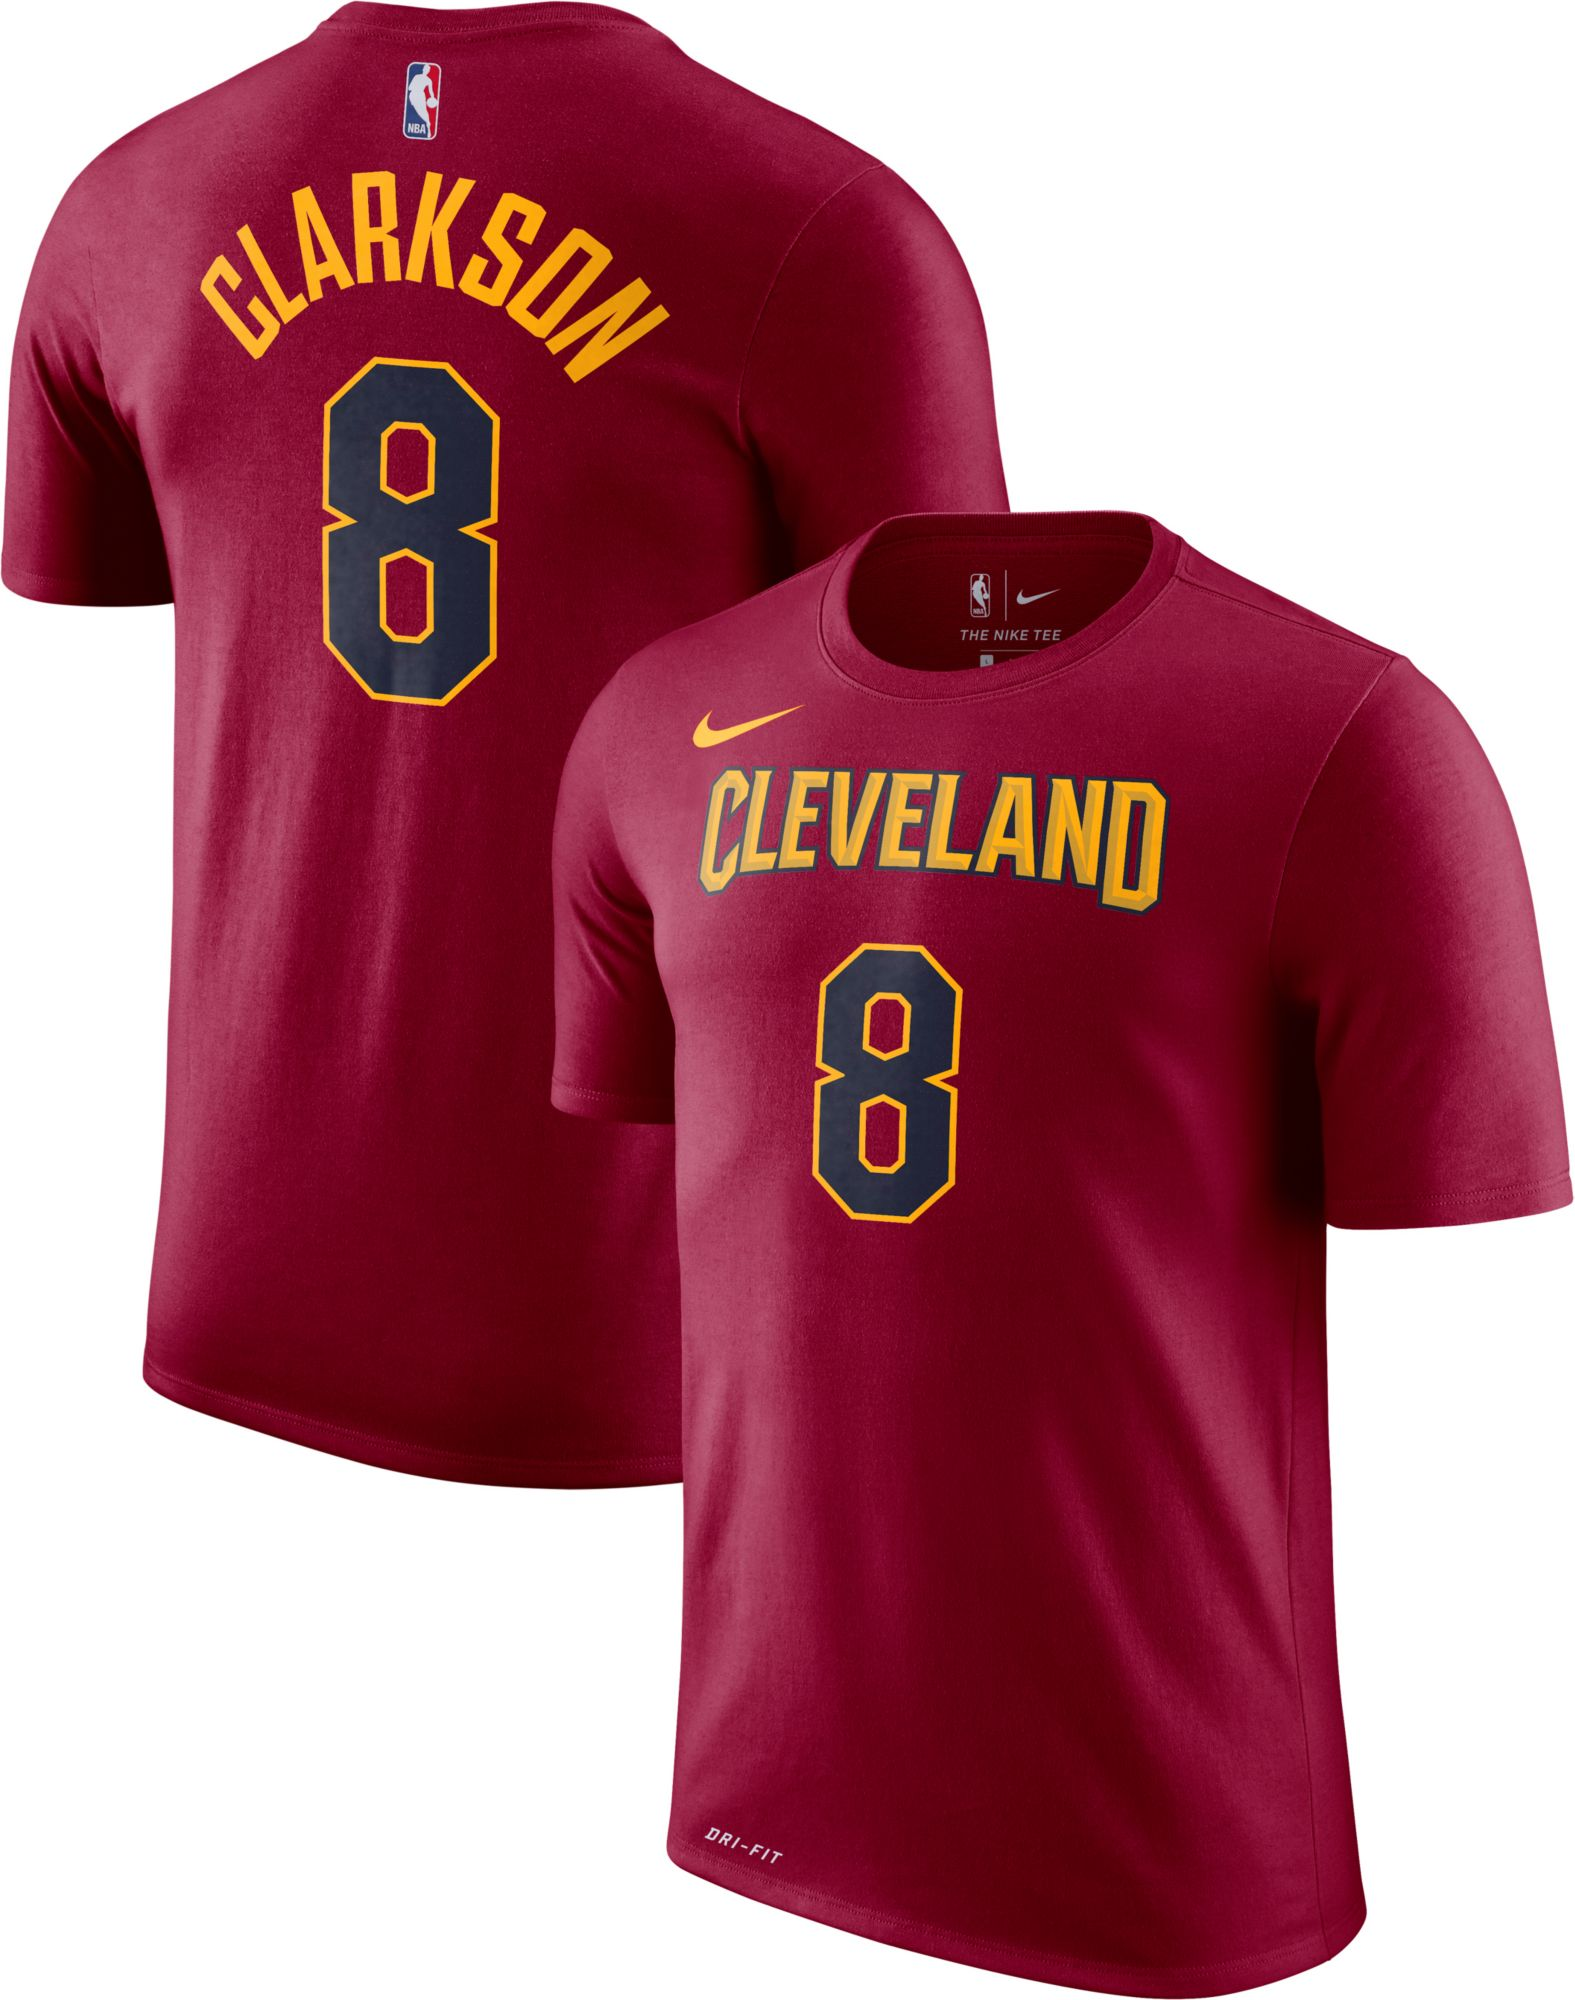 1b62d635a361 womens jordan clarkson 8 cleveland cavaliers burgundy jersey